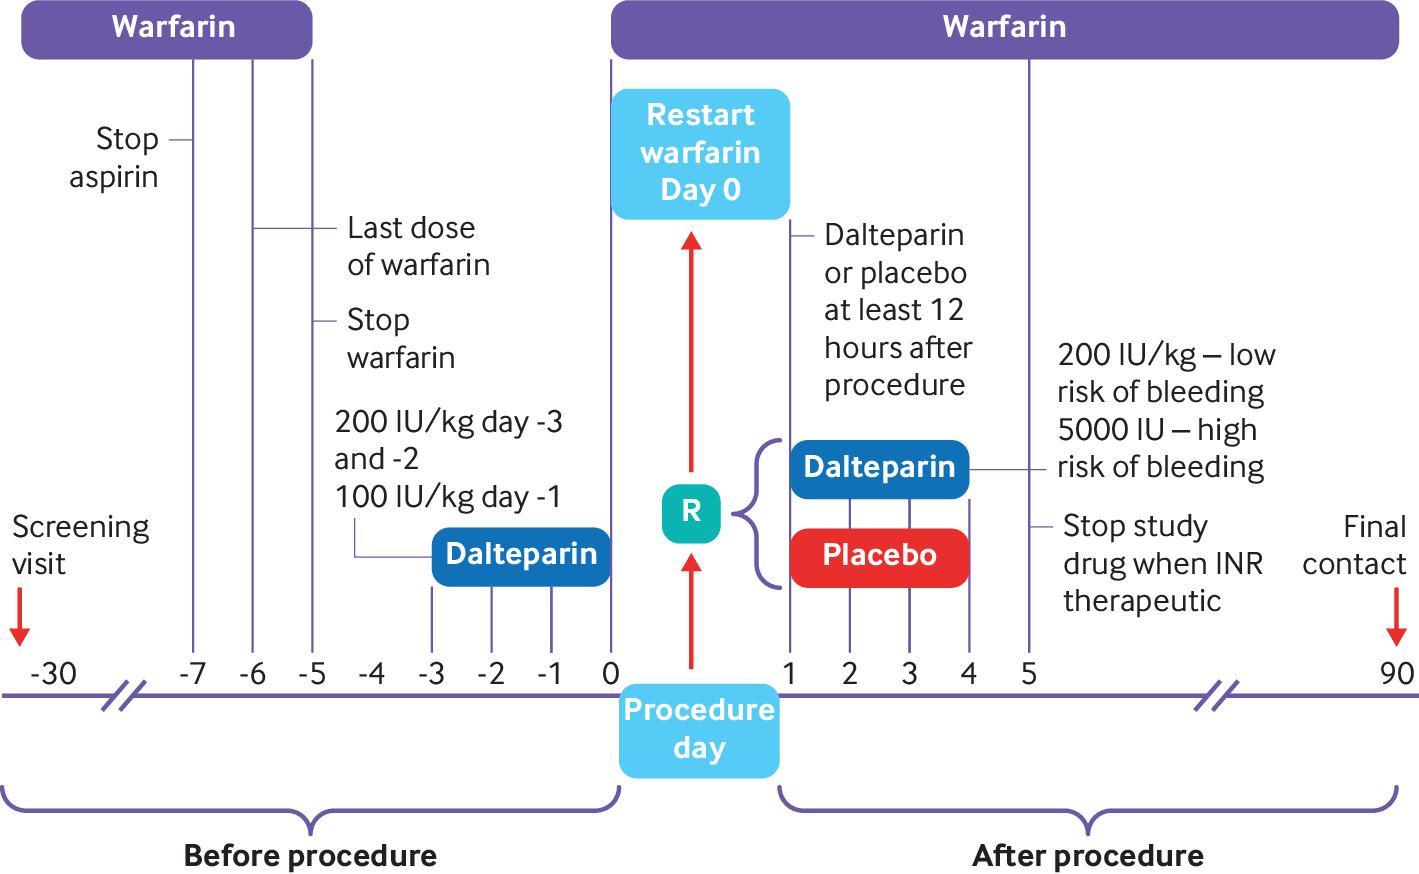 [BMJ发表论文]:动脉血栓栓塞高危患者术后低分子肝素桥接治疗